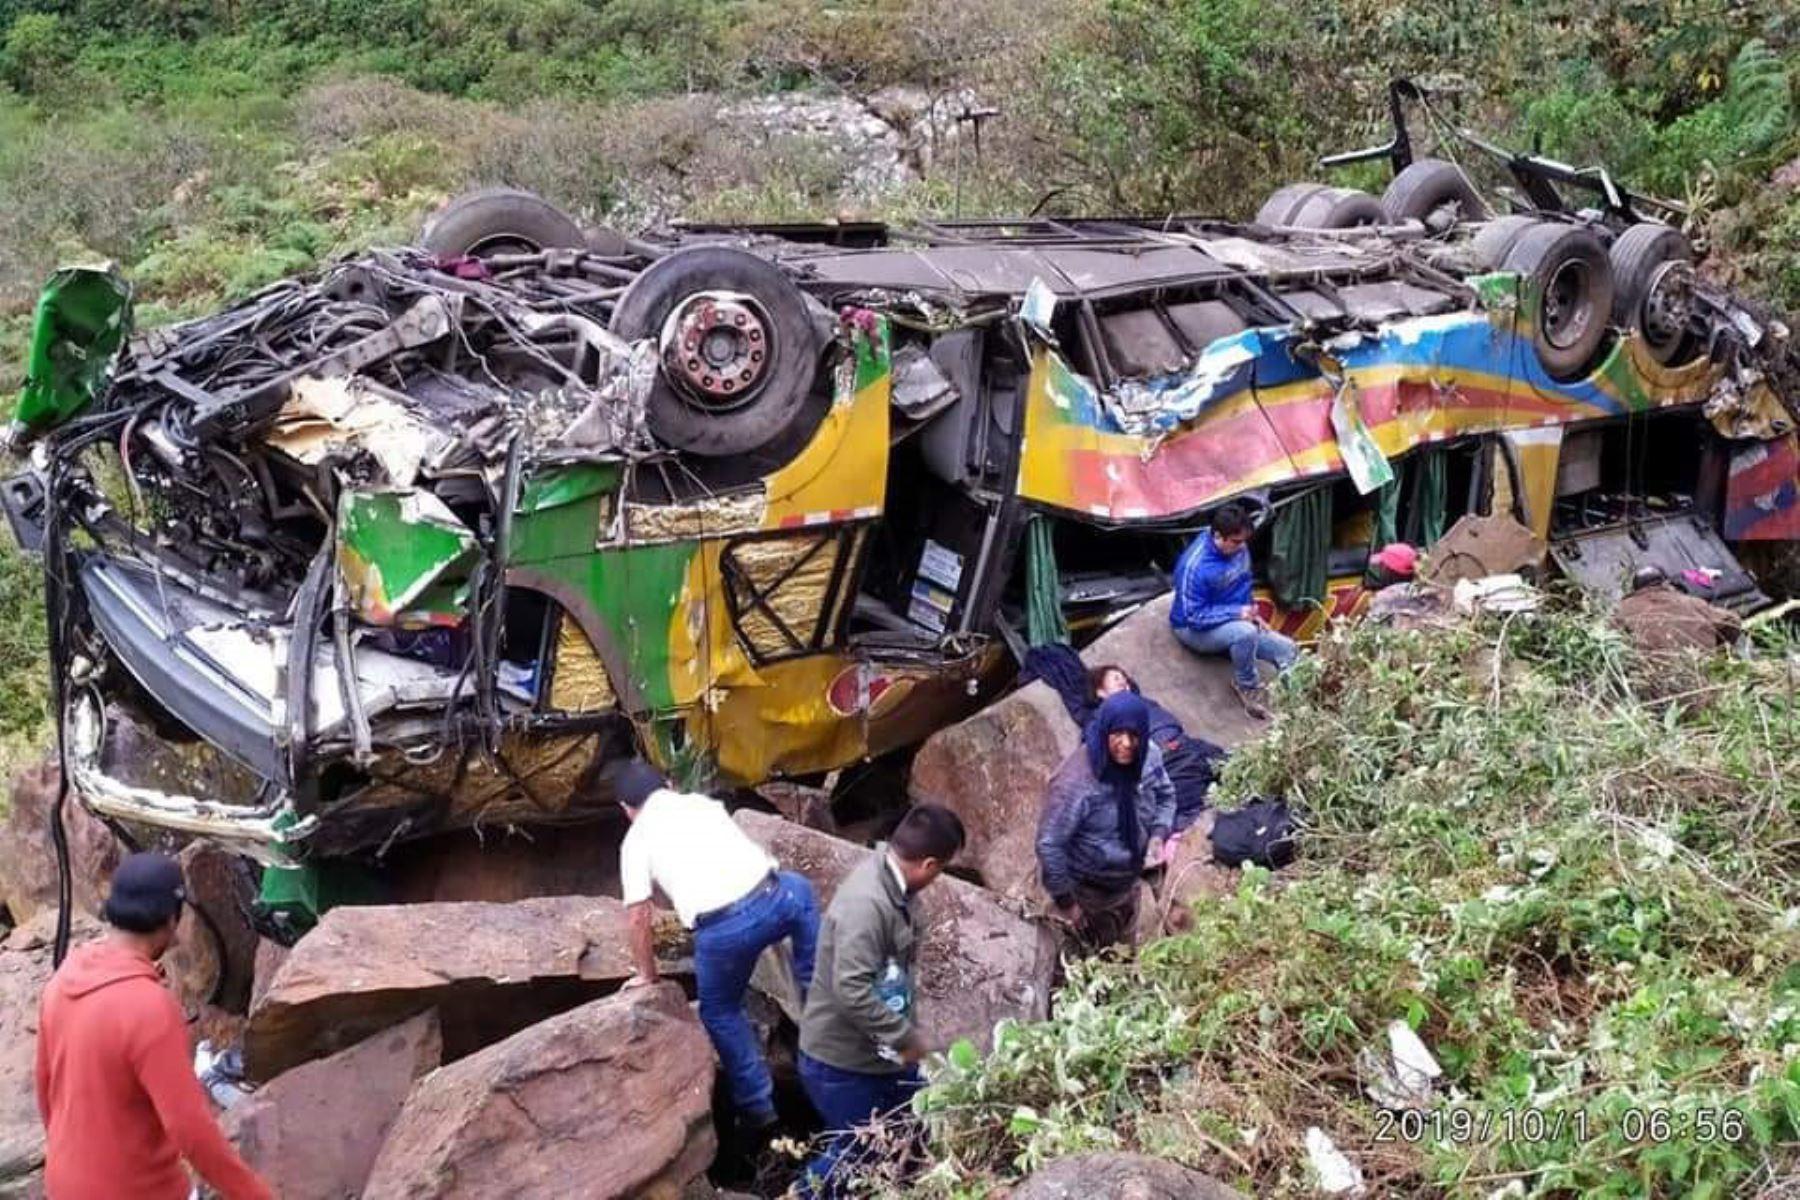 Hasta el momento, 21 de las 23 víctimas mortales del accidente registrado en el kilómetro 144 de la vía Interoceánica han sido identificadas. Foto: Walberto Incaroca